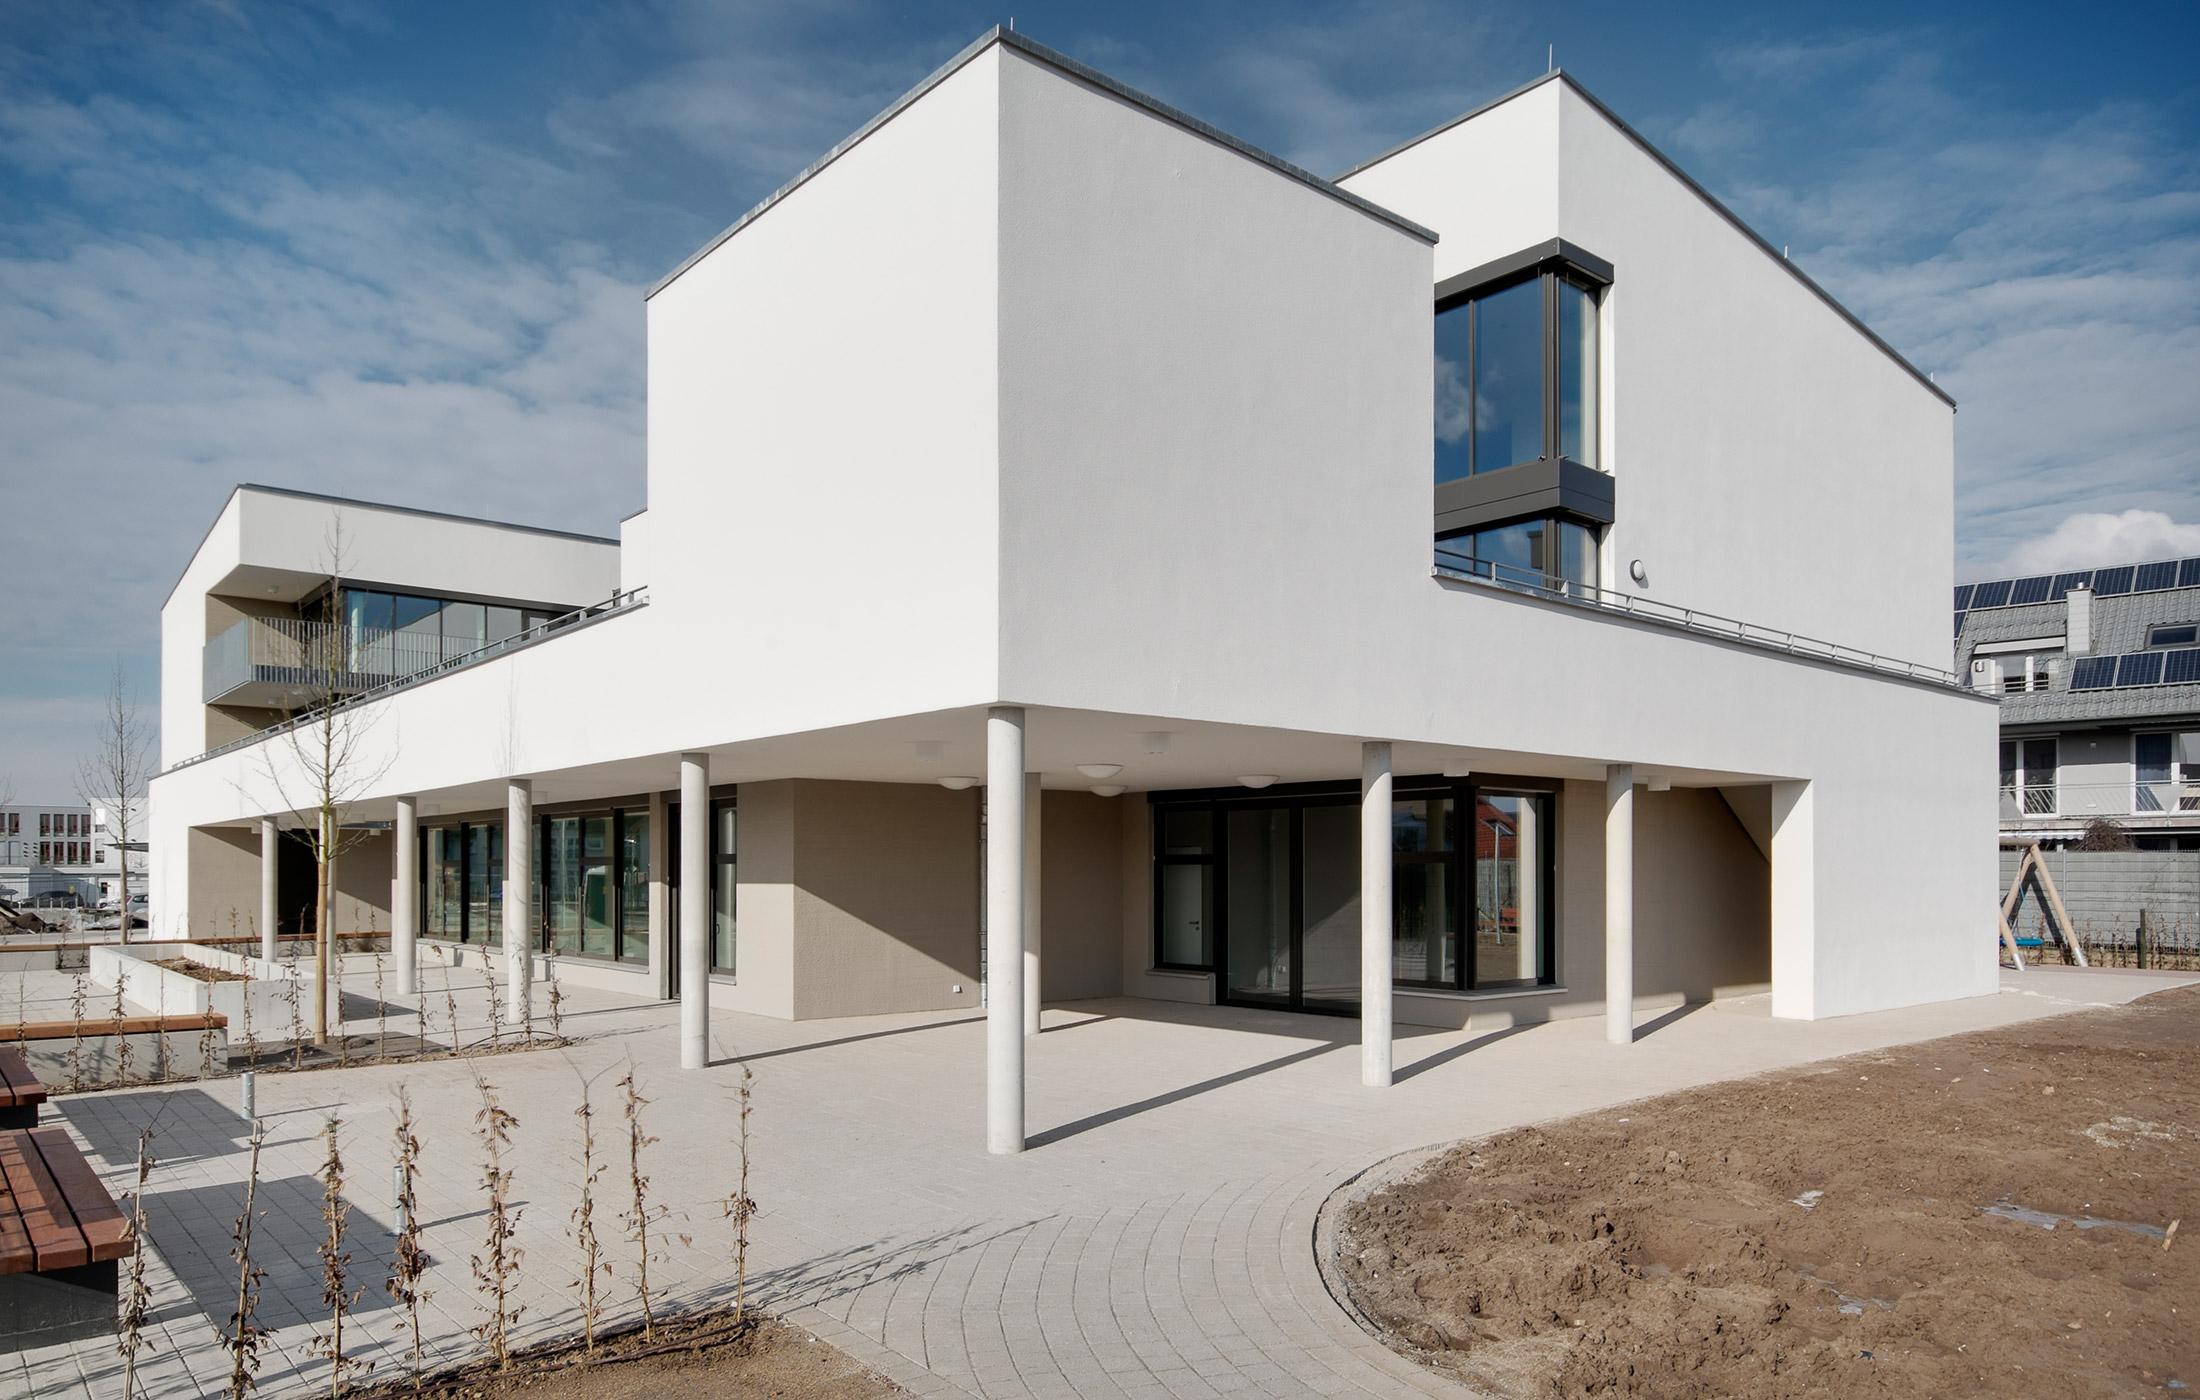 2015, Neubau Wohnheim für die Johannes Diakonie Mosbach e.V., Sankt-Leon-Rot